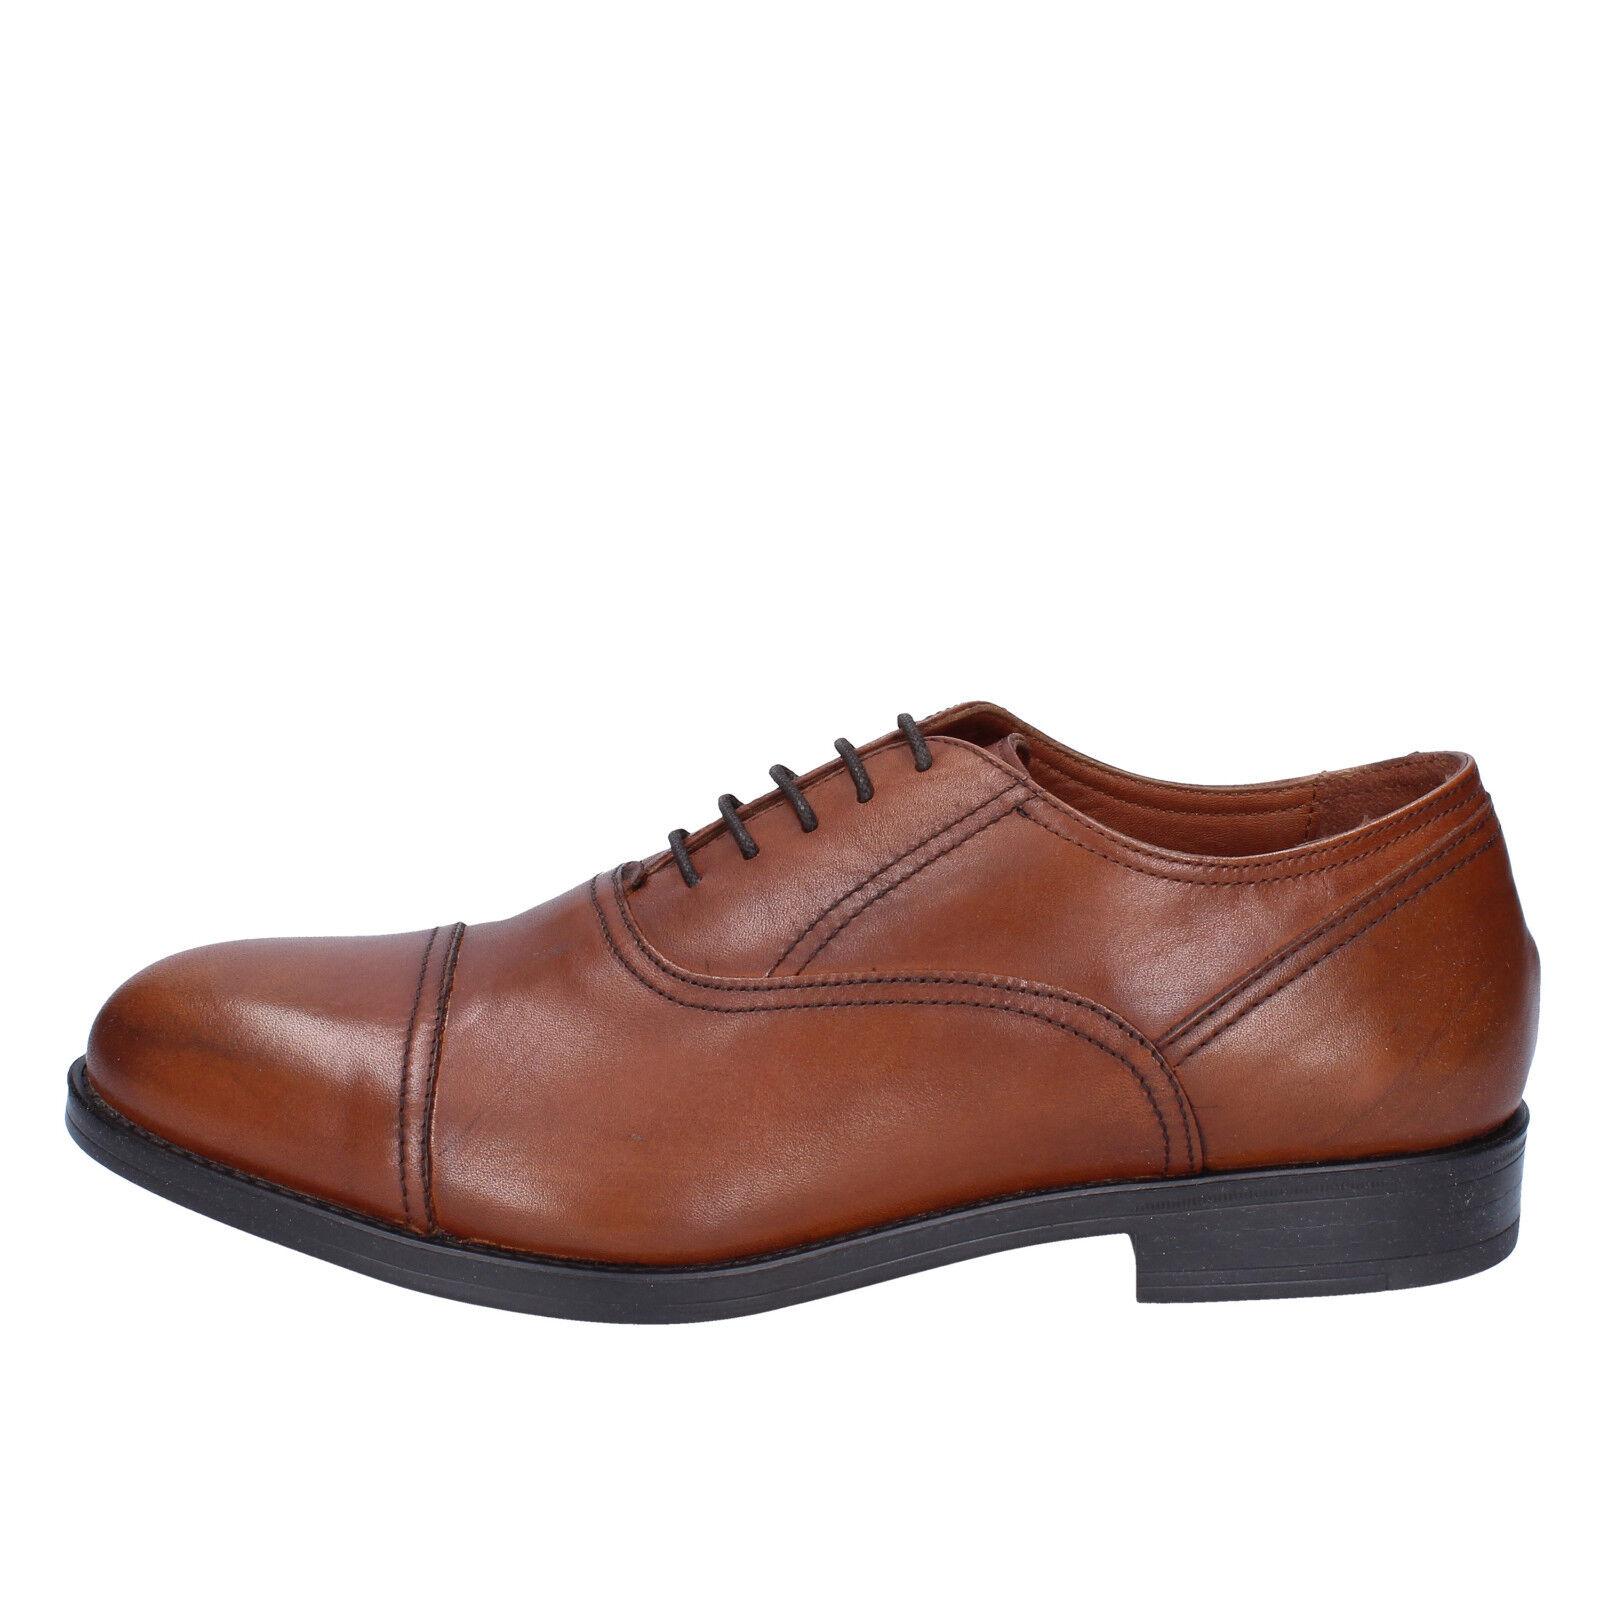 scarpe uomo TRIVER FLIGHT (cuoio) 44 EU classiche marrone (cuoio) FLIGHT pelle BX559-44 1d726e